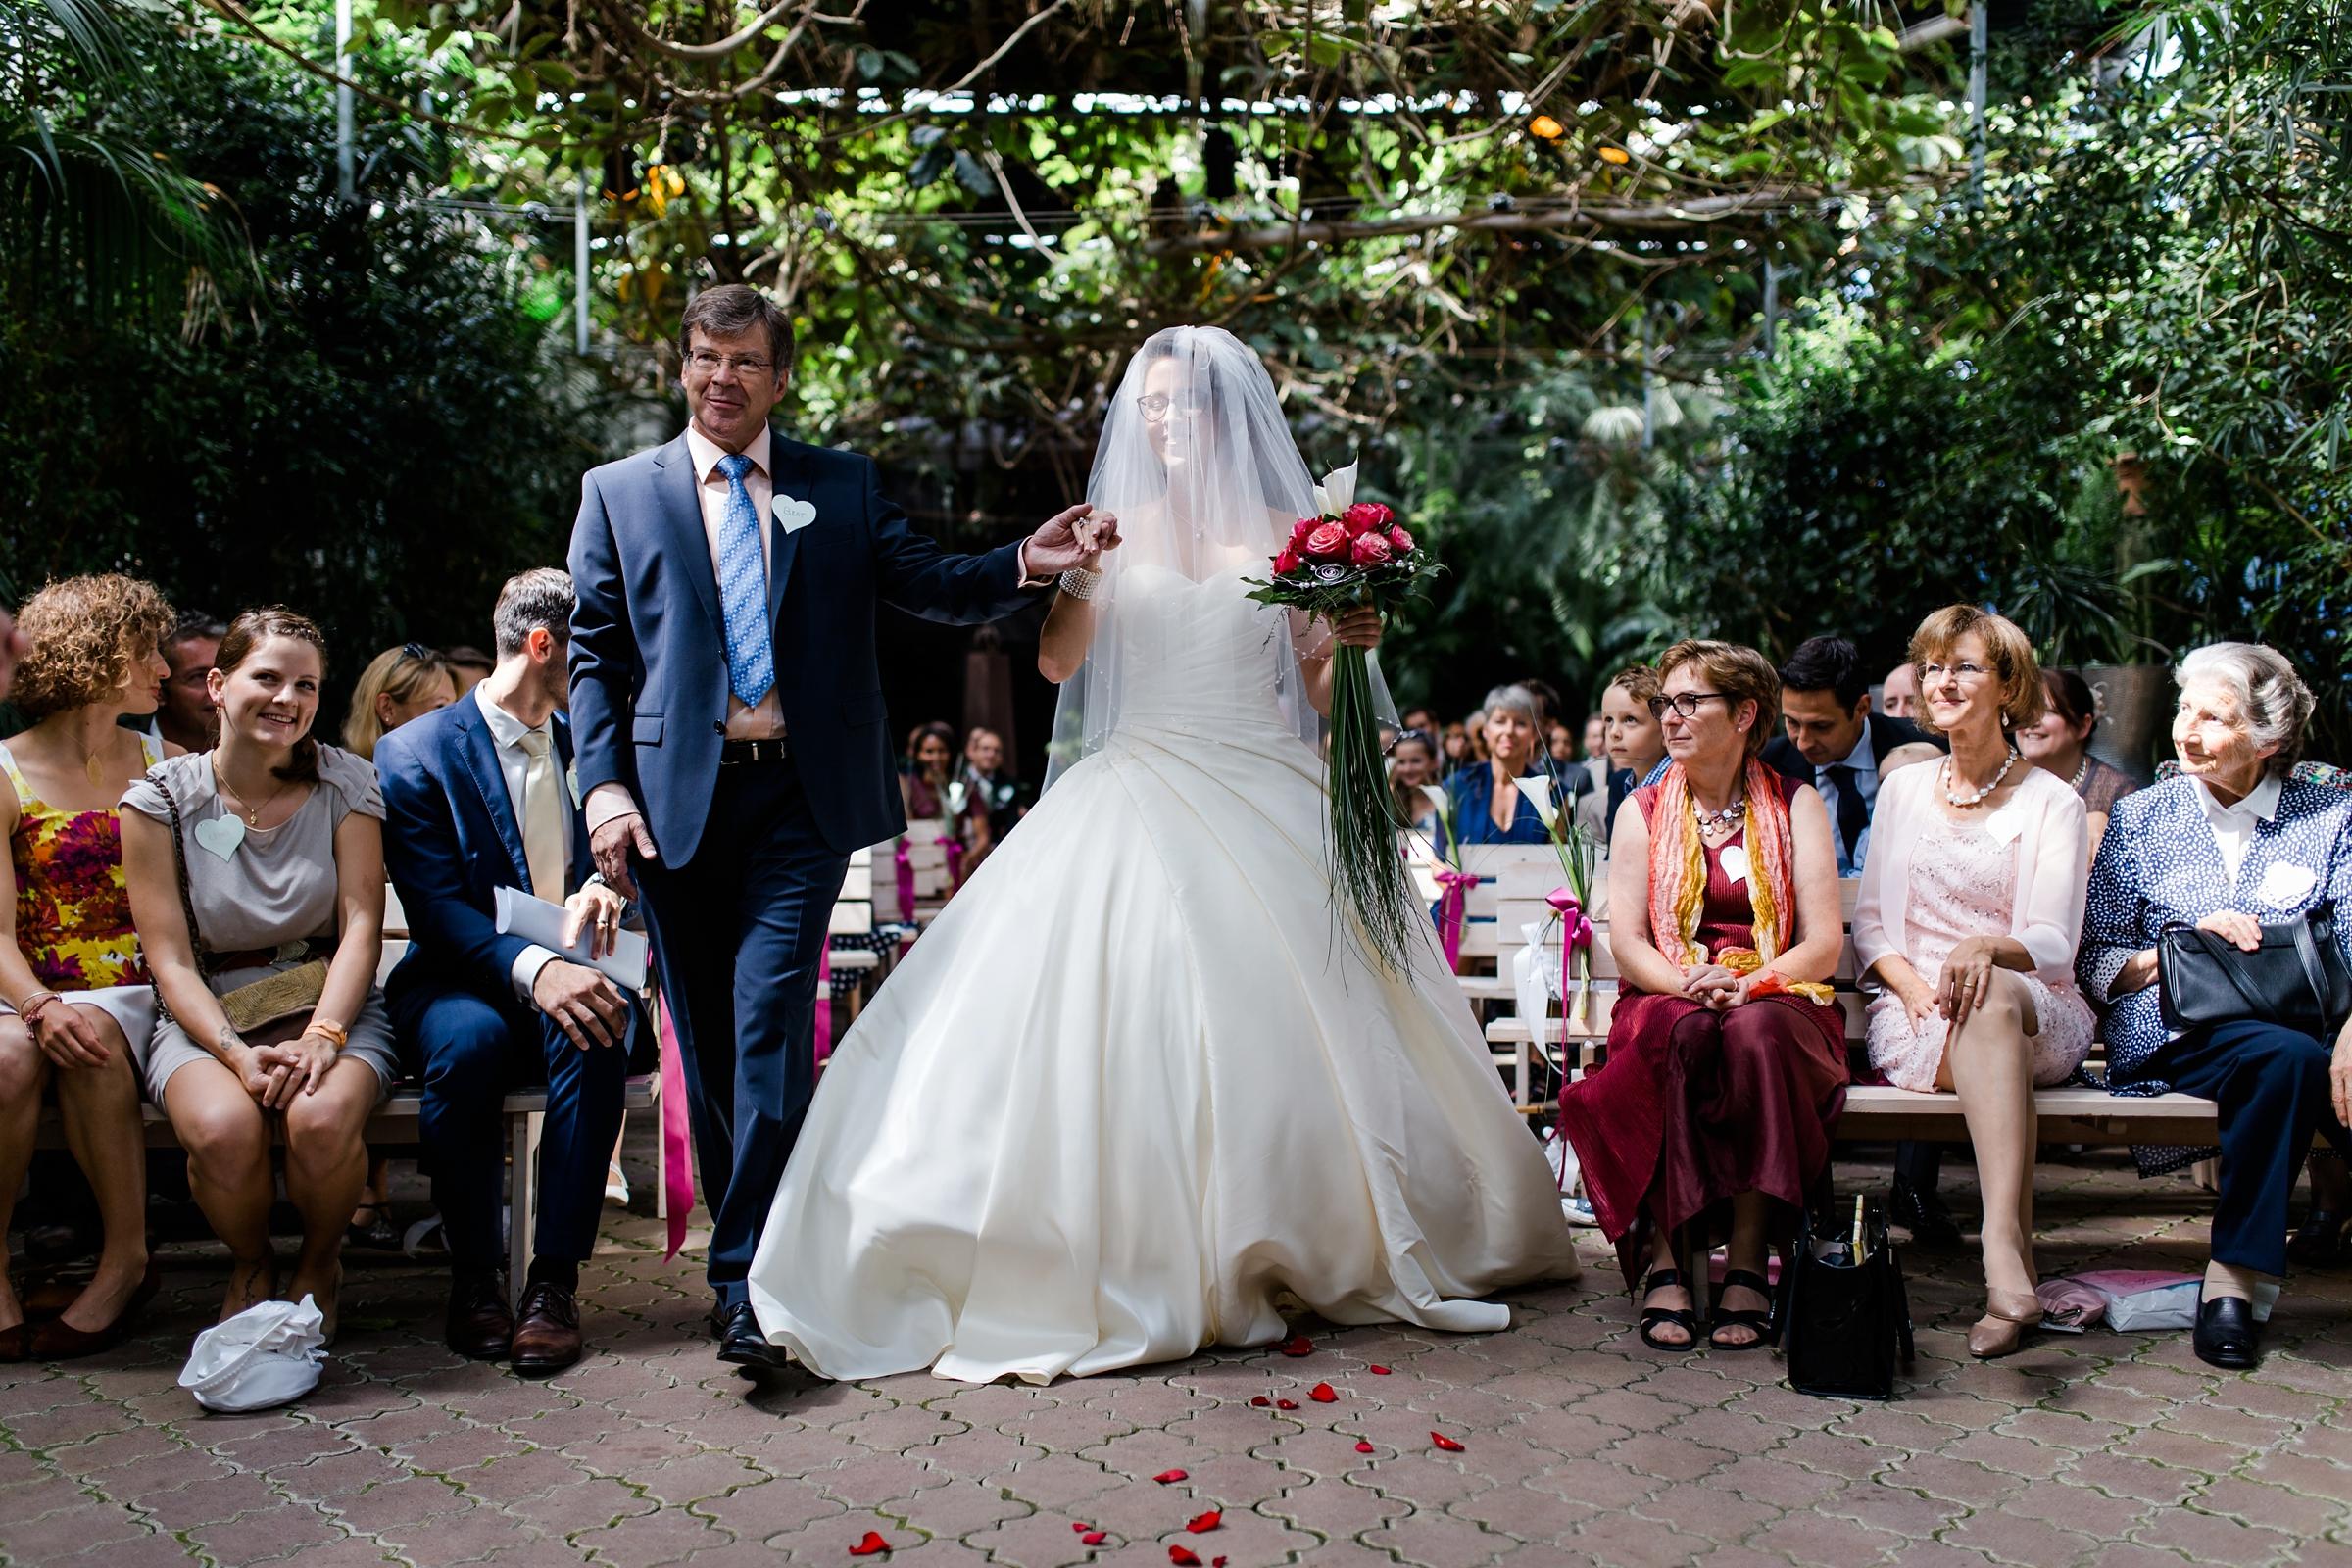 Hochzeitsreportage-Zuerich-Braut-Brautvater-Einmarsch-Schleier-Giardino-Verde-Uitikon